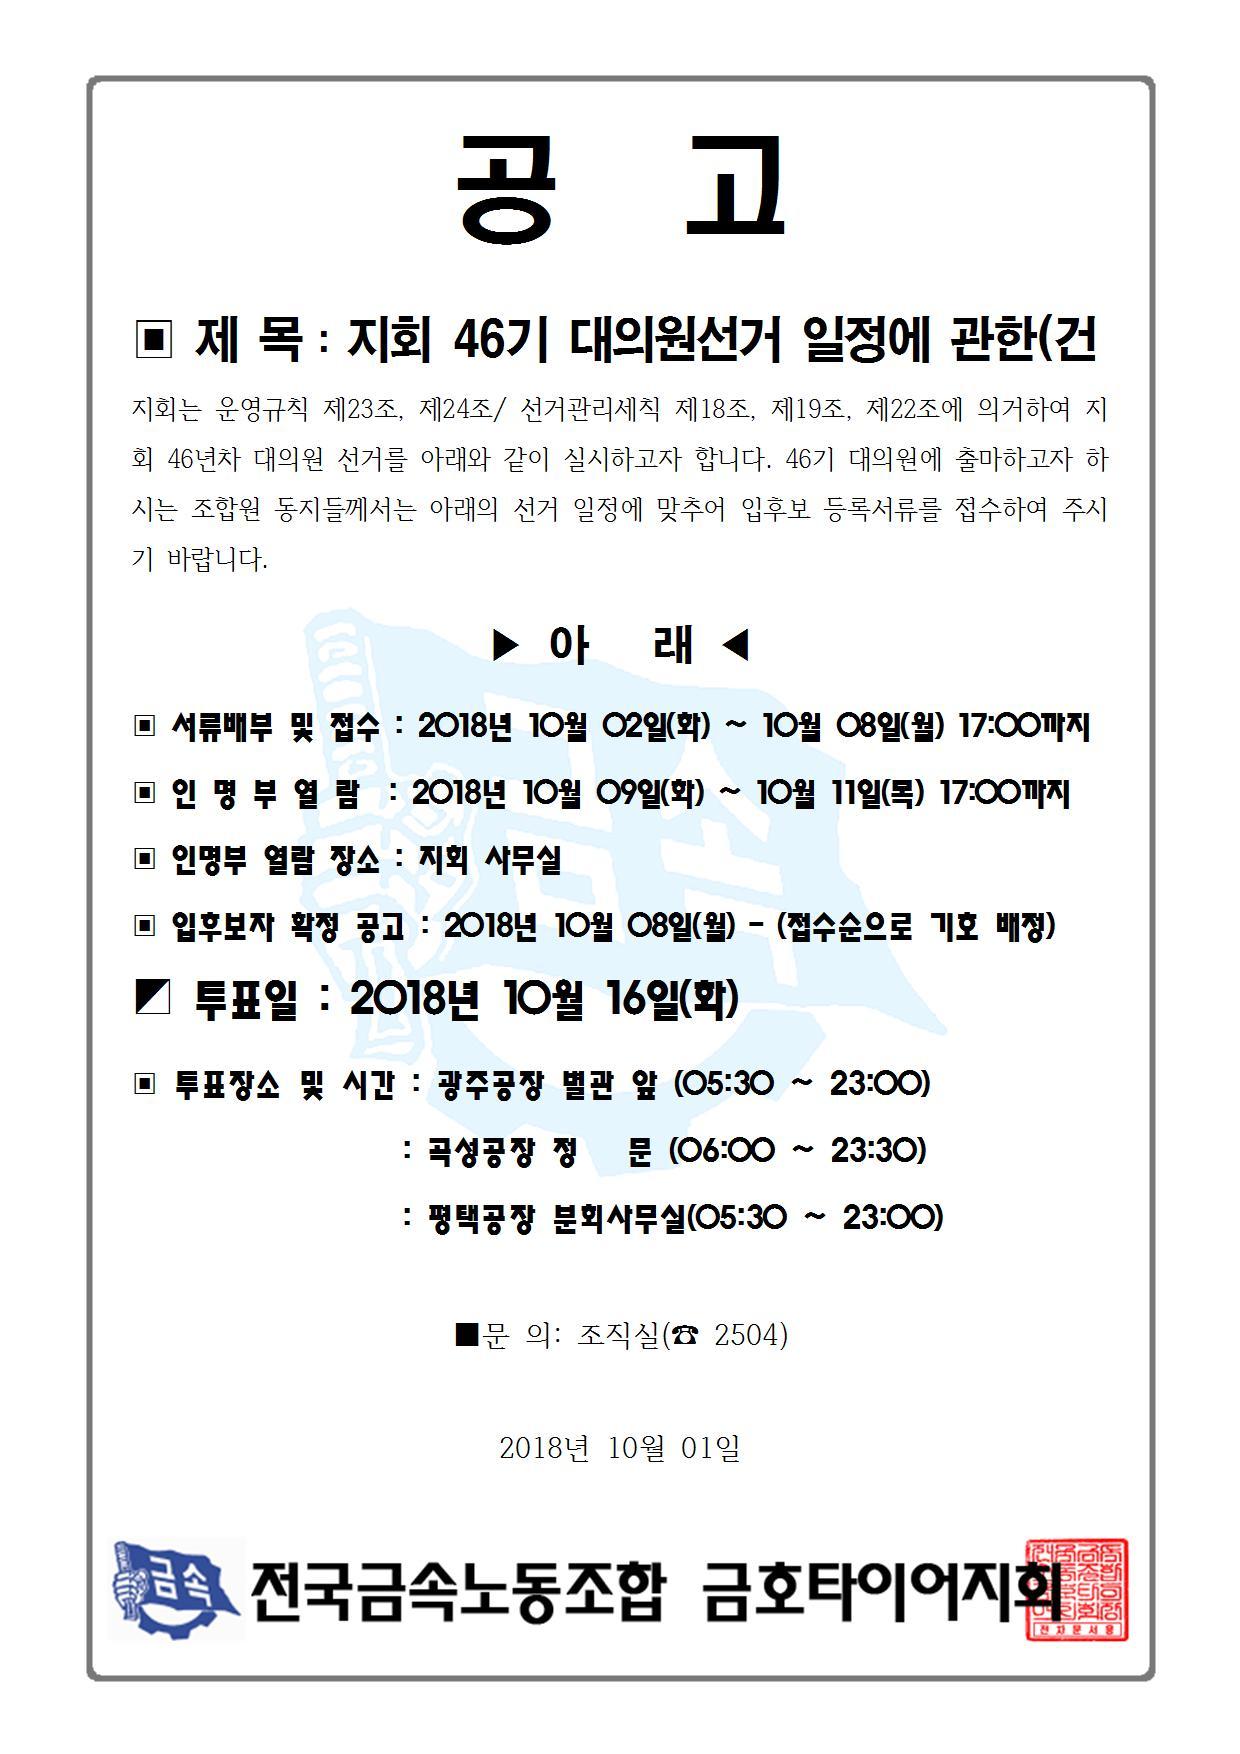 46기 대의원선거 일정공고001.jpg